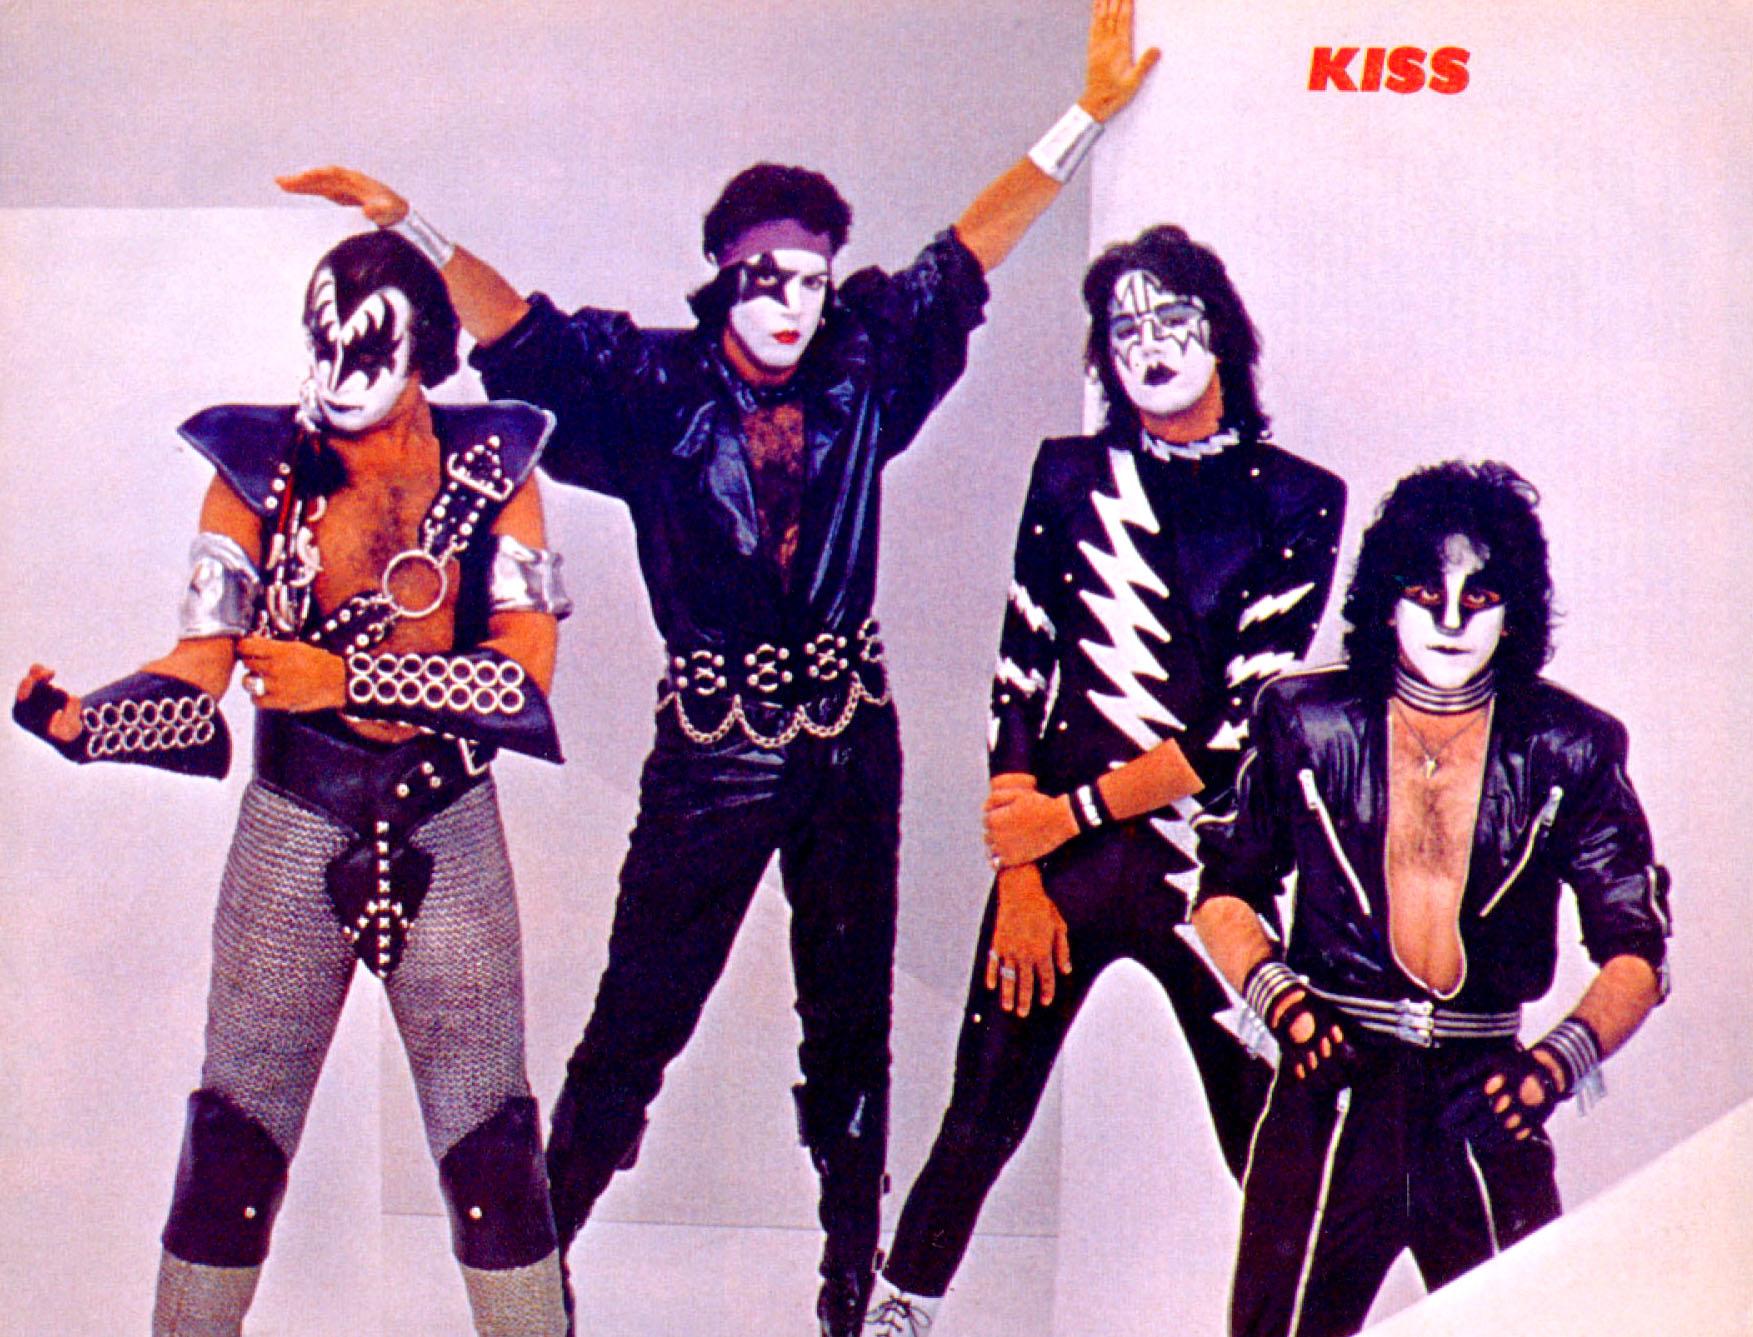 Kerrang 8112 Kiss 01.jpg